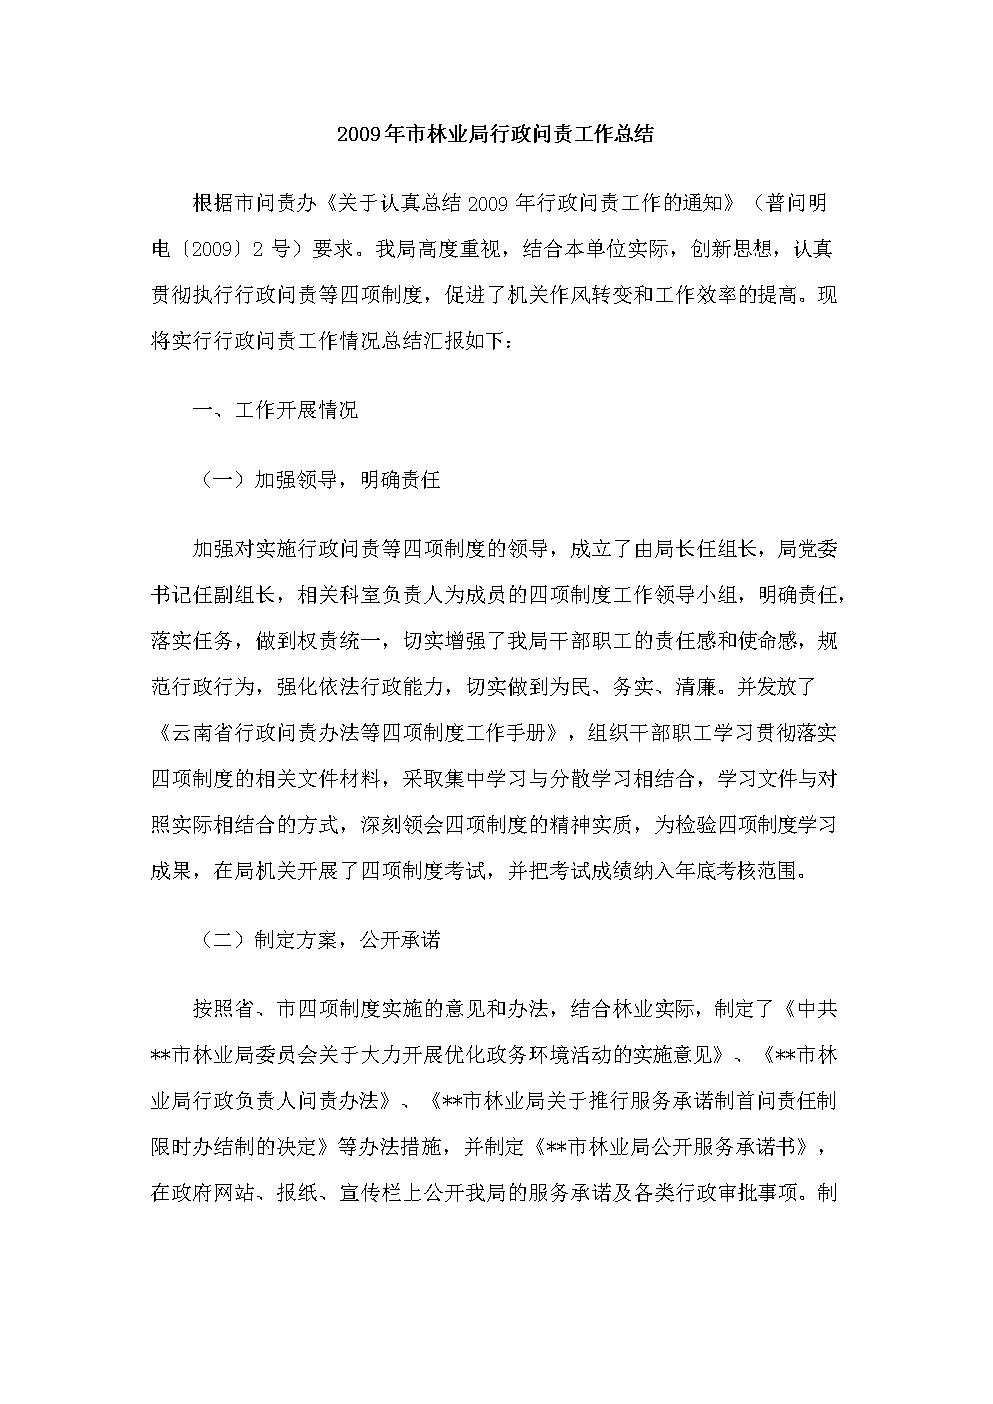 市林業局行政問責工作總結.doc